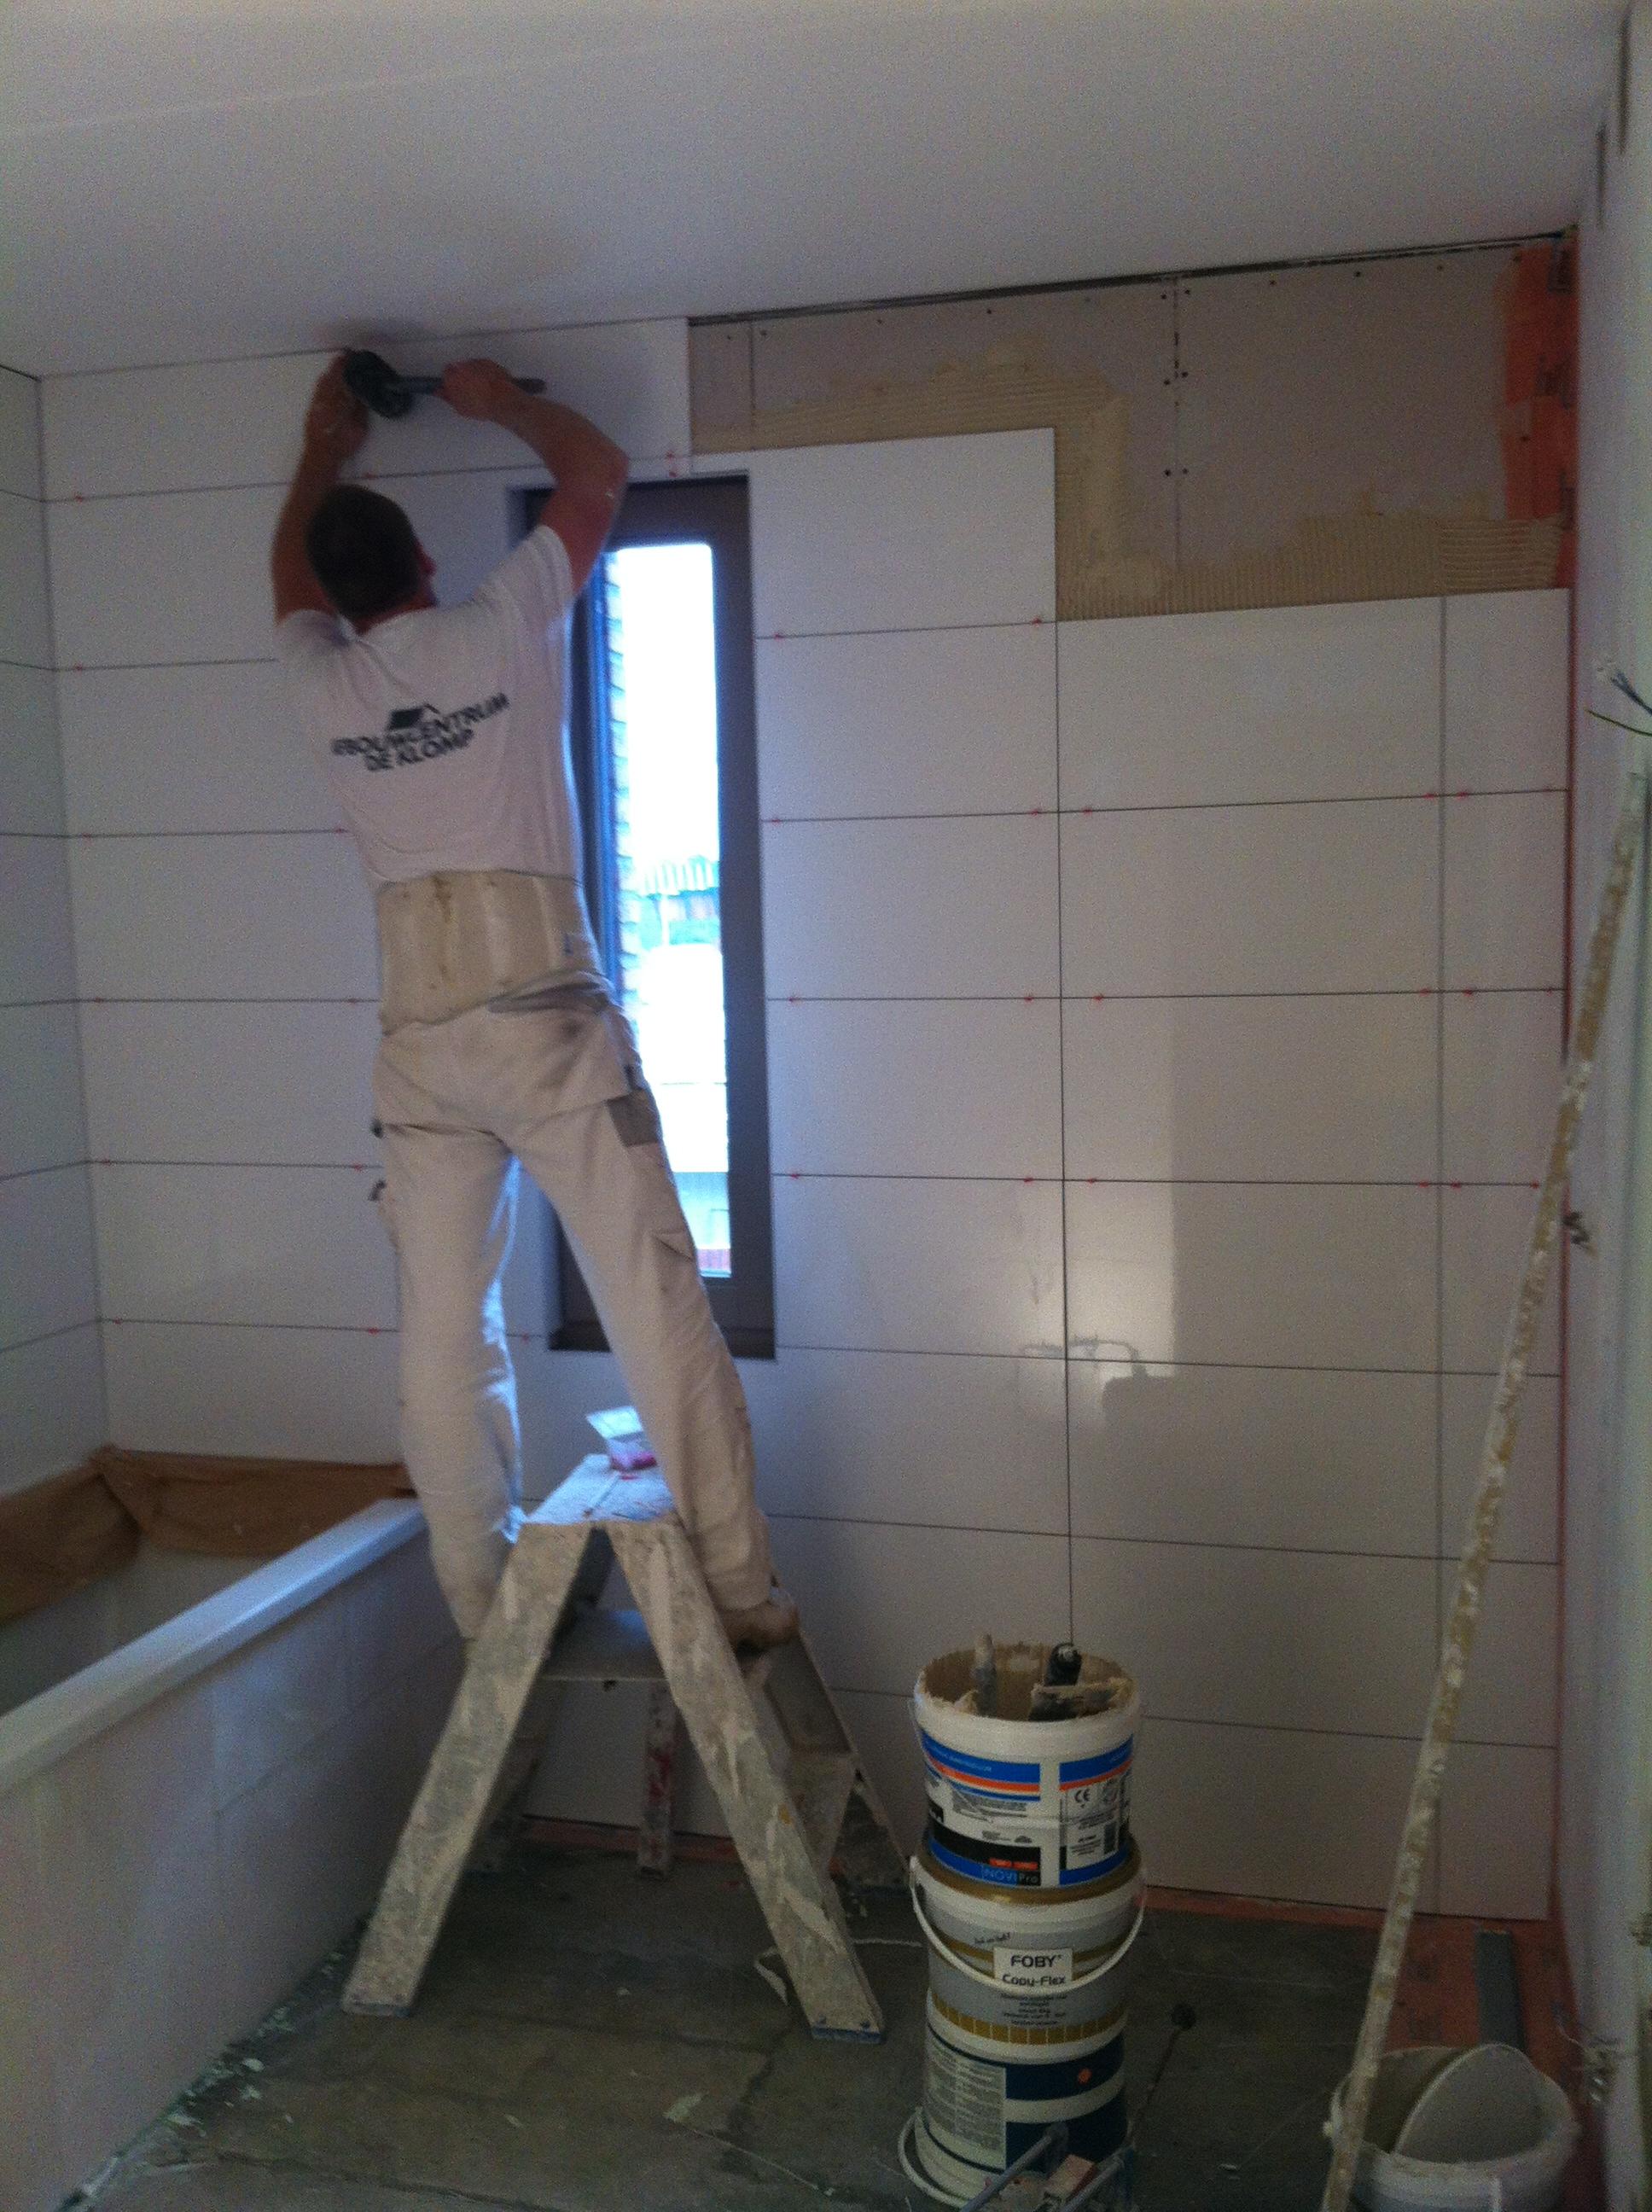 Vloer Betegelen Badkamer : Badkamer tegelen youtube tegels leggen tegelvloer tegel klik